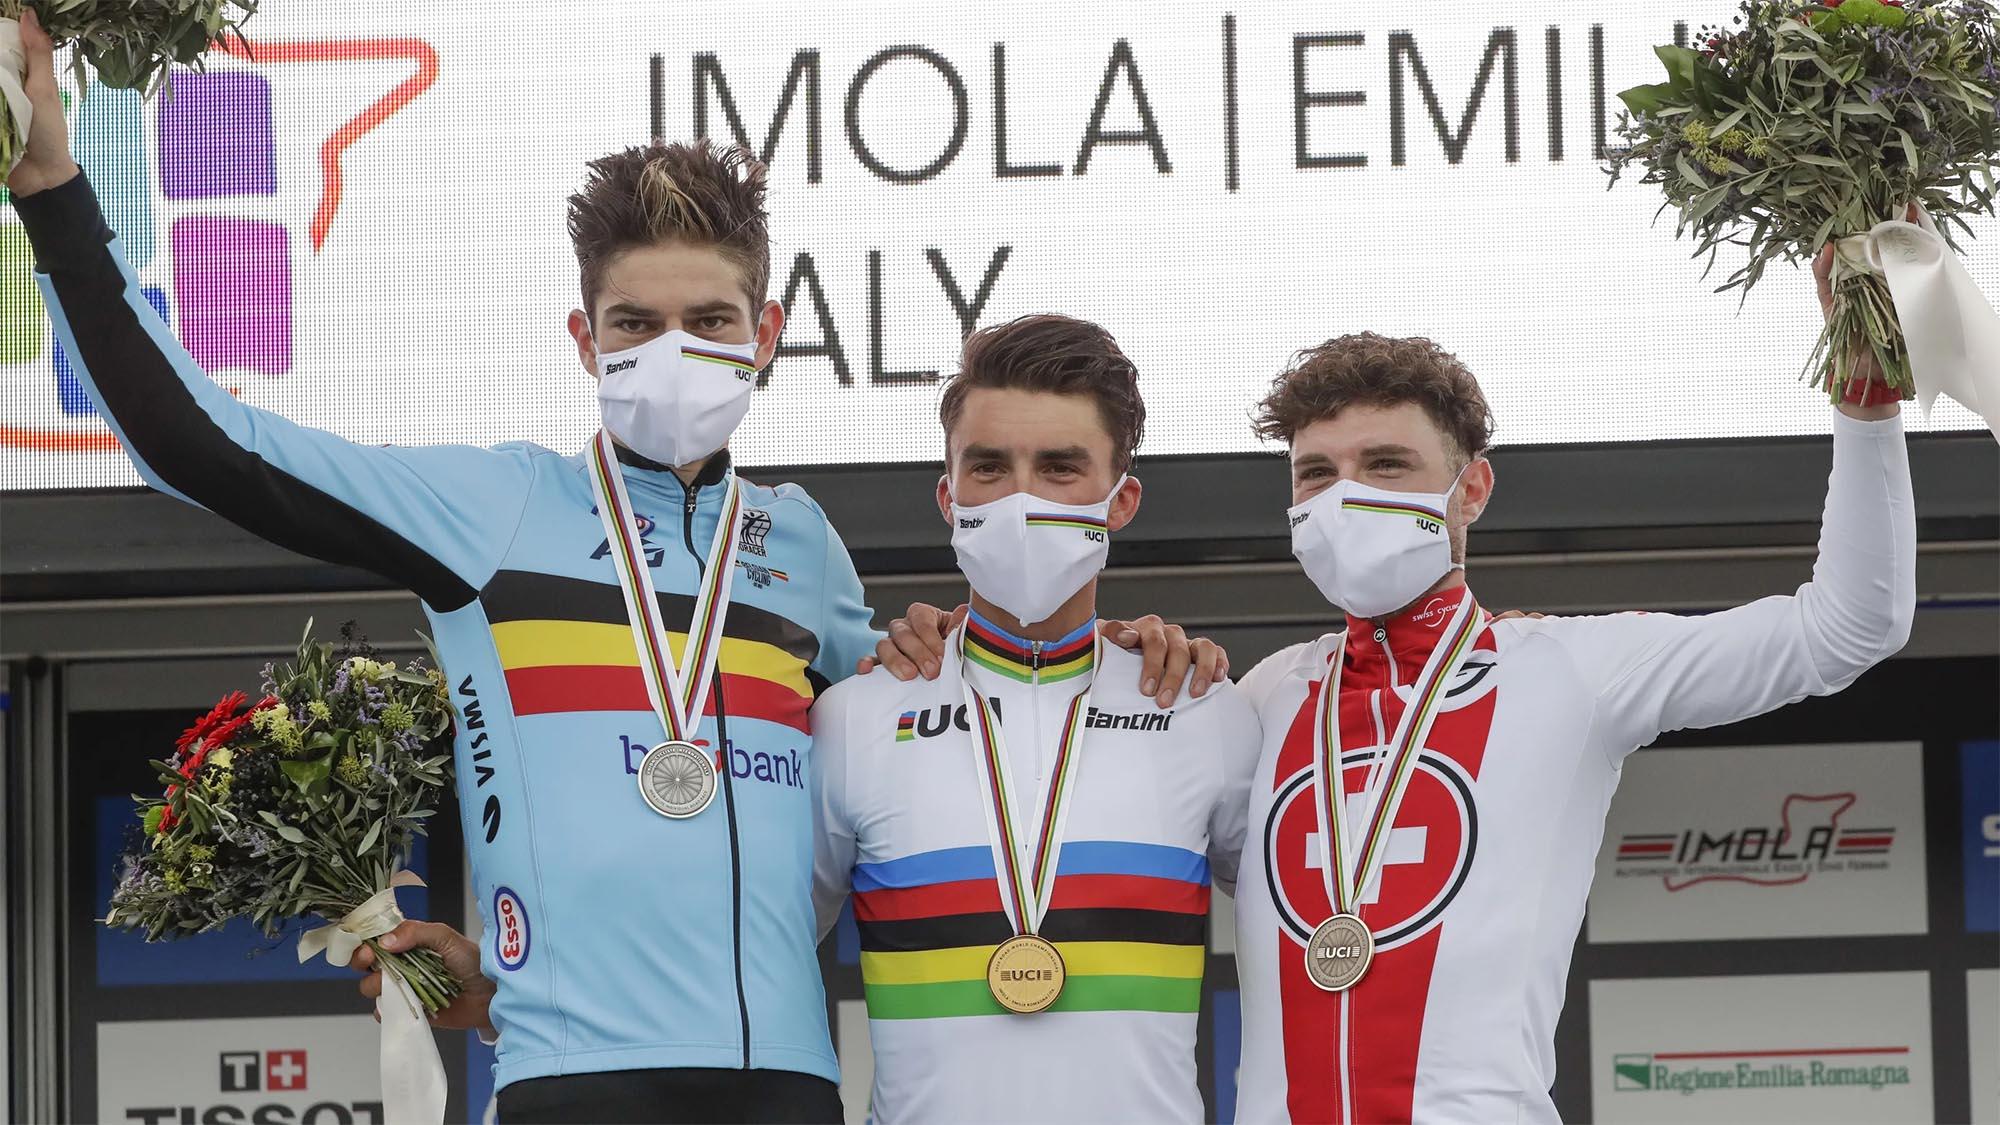 mundial ciclismo ruta 2020 clasificacion podium alaphilippe van aert hirschi